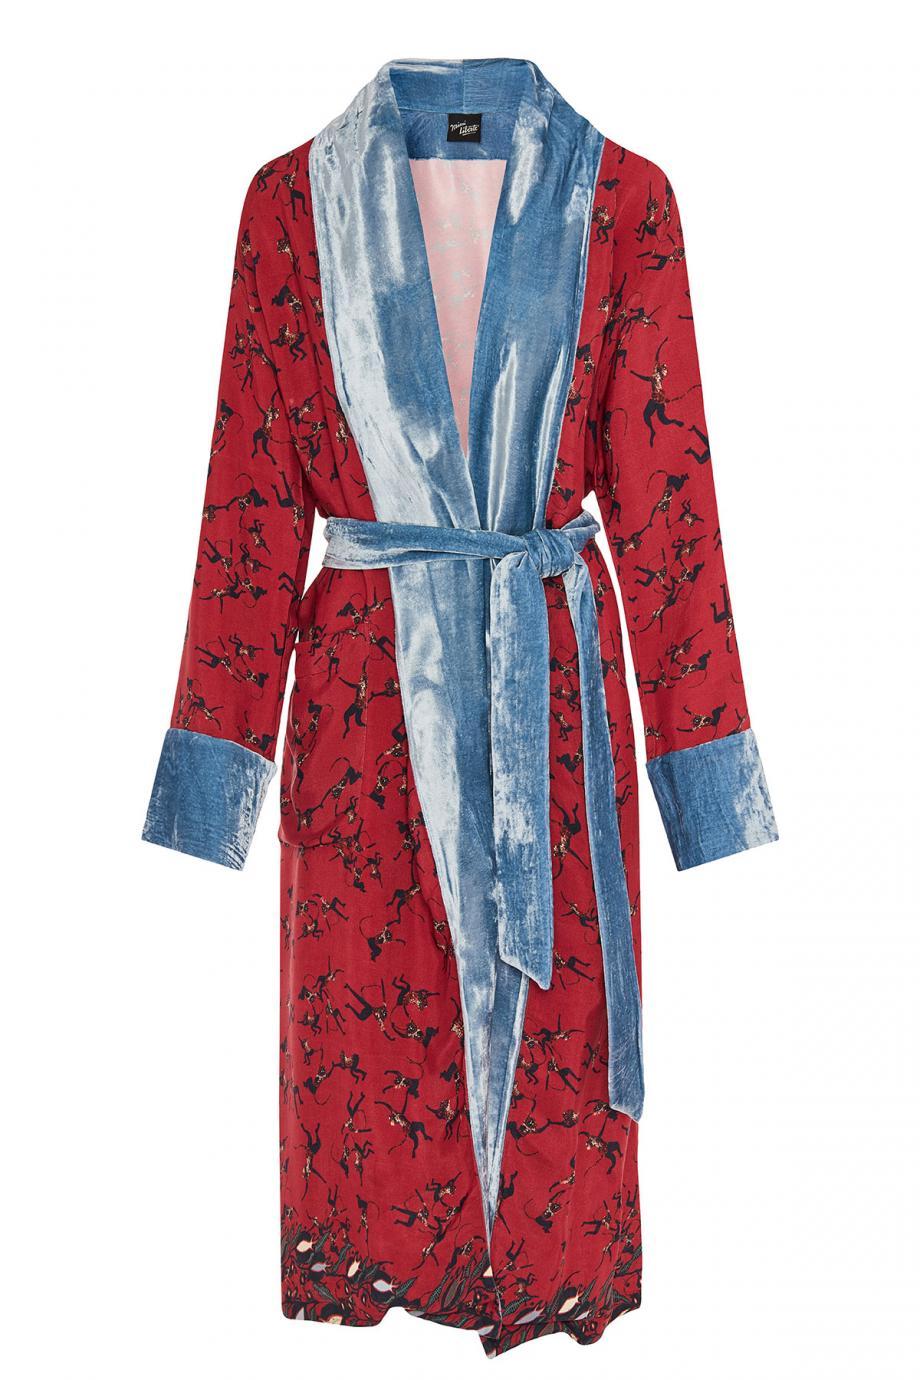 Velvet-trimmed printed crepe robe